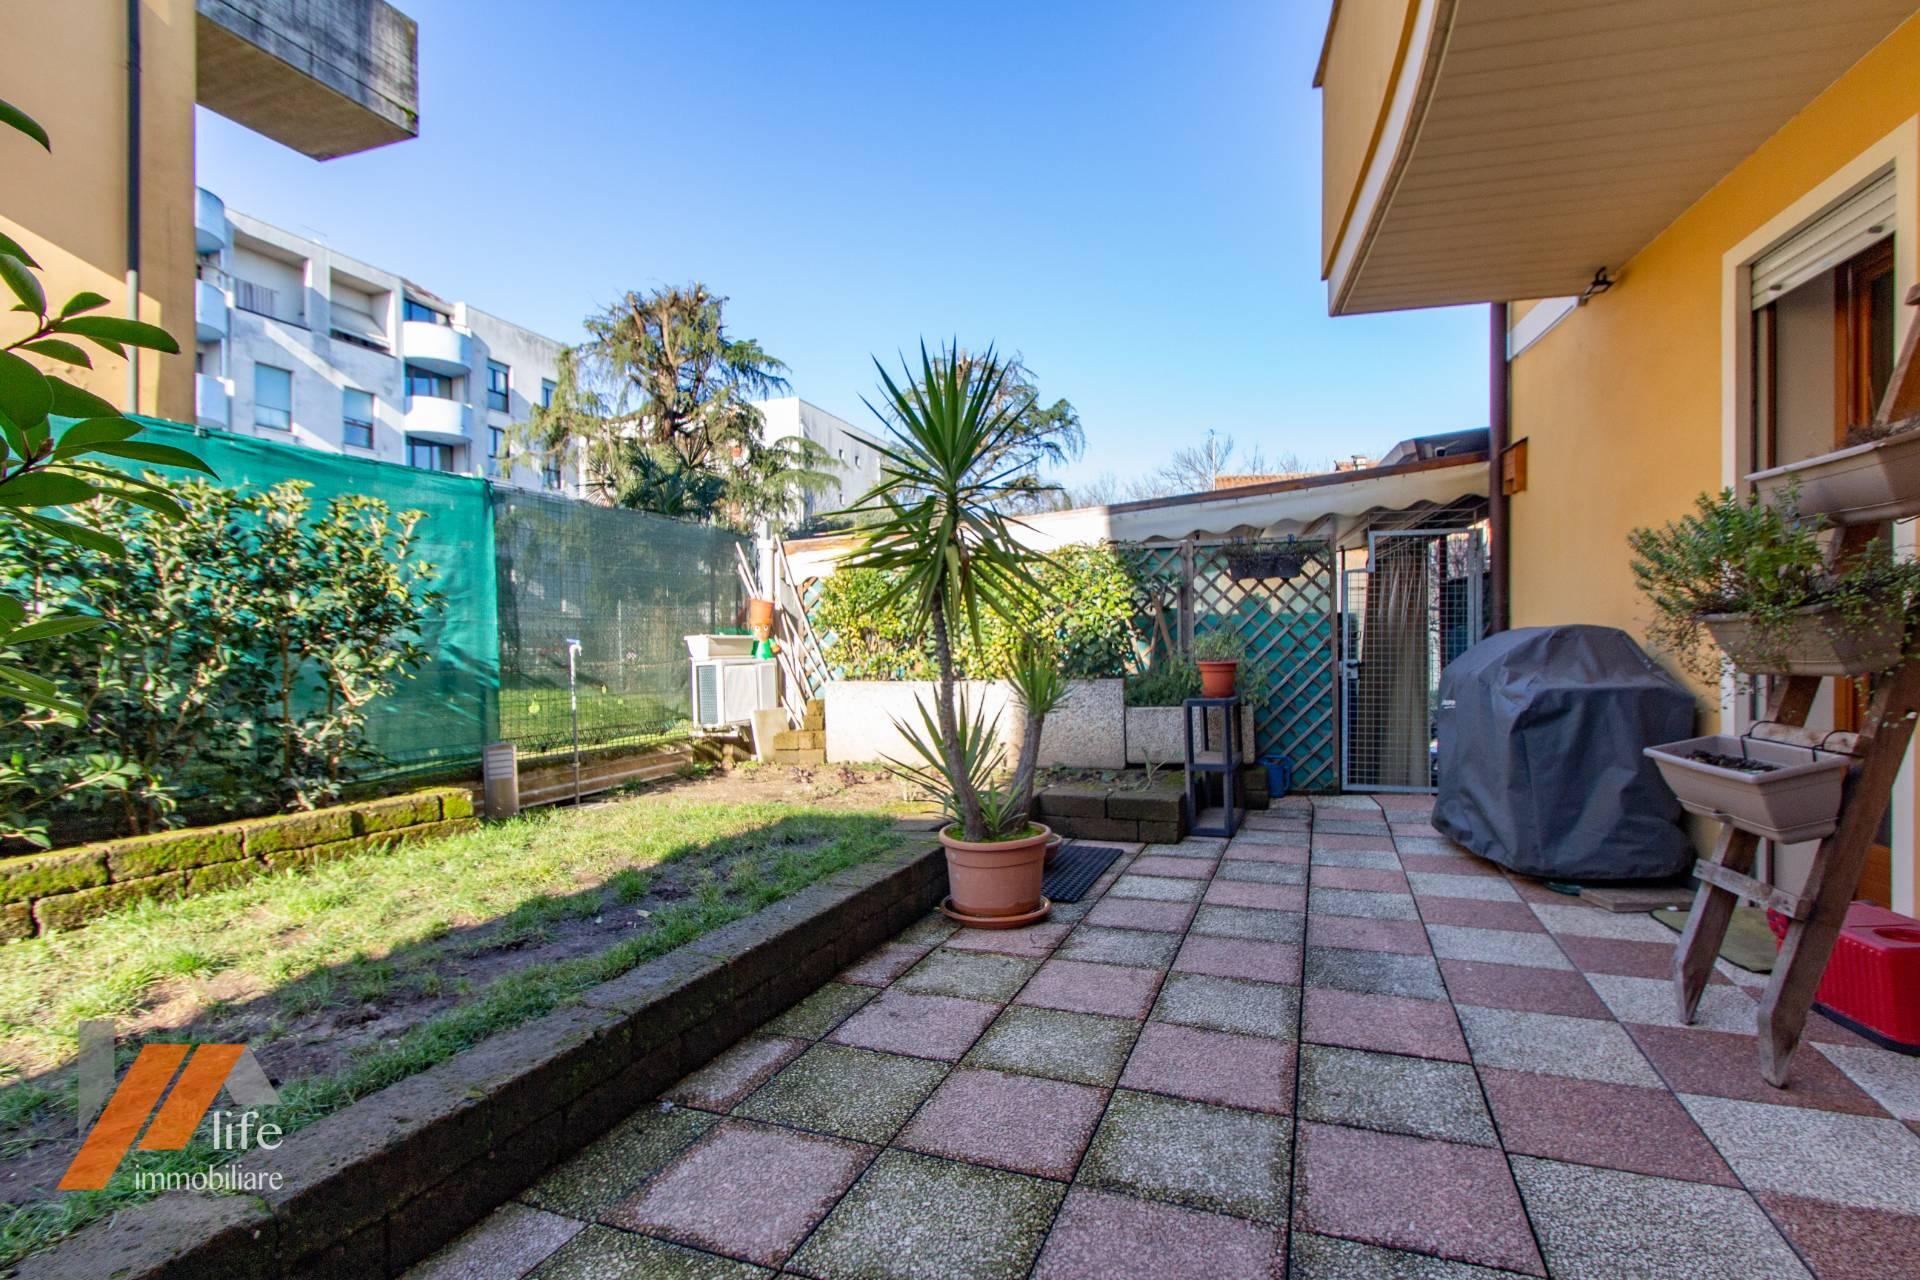 Appartamento in vendita a Vicenza, 3 locali, zona Località: S.PioX-Stanga-CàBalbi, prezzo € 145.000 | CambioCasa.it